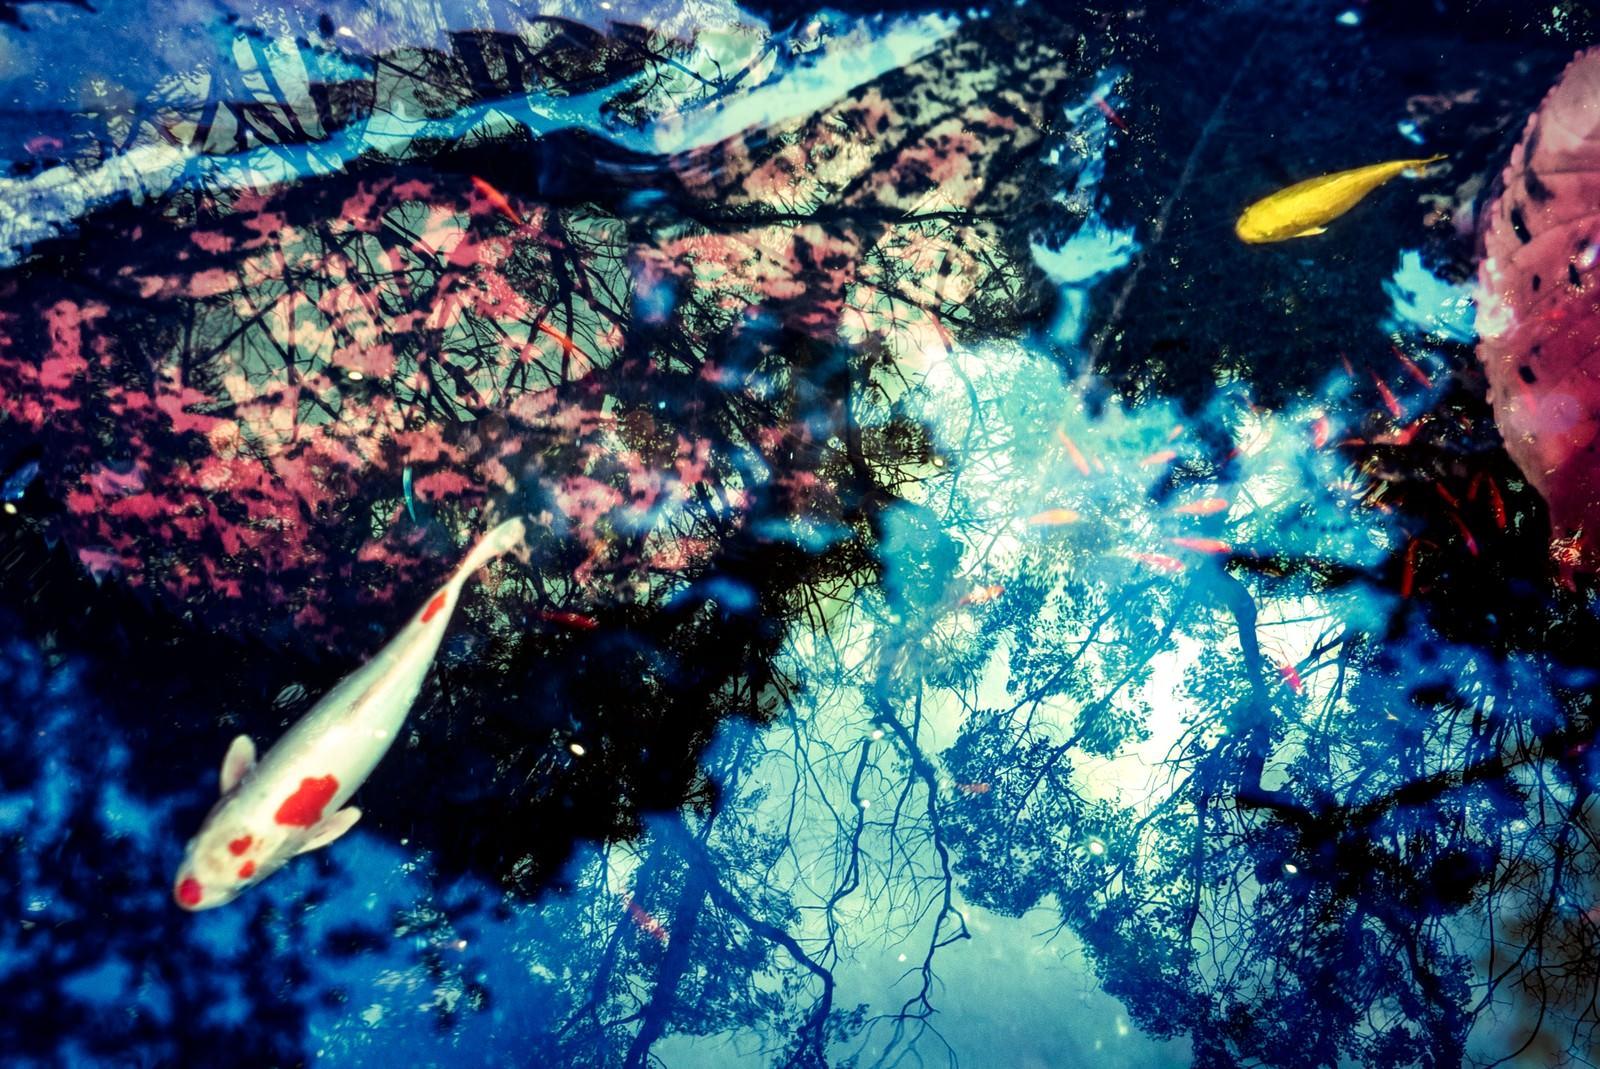 「池の鯉(フォトモンタージュ)」の写真